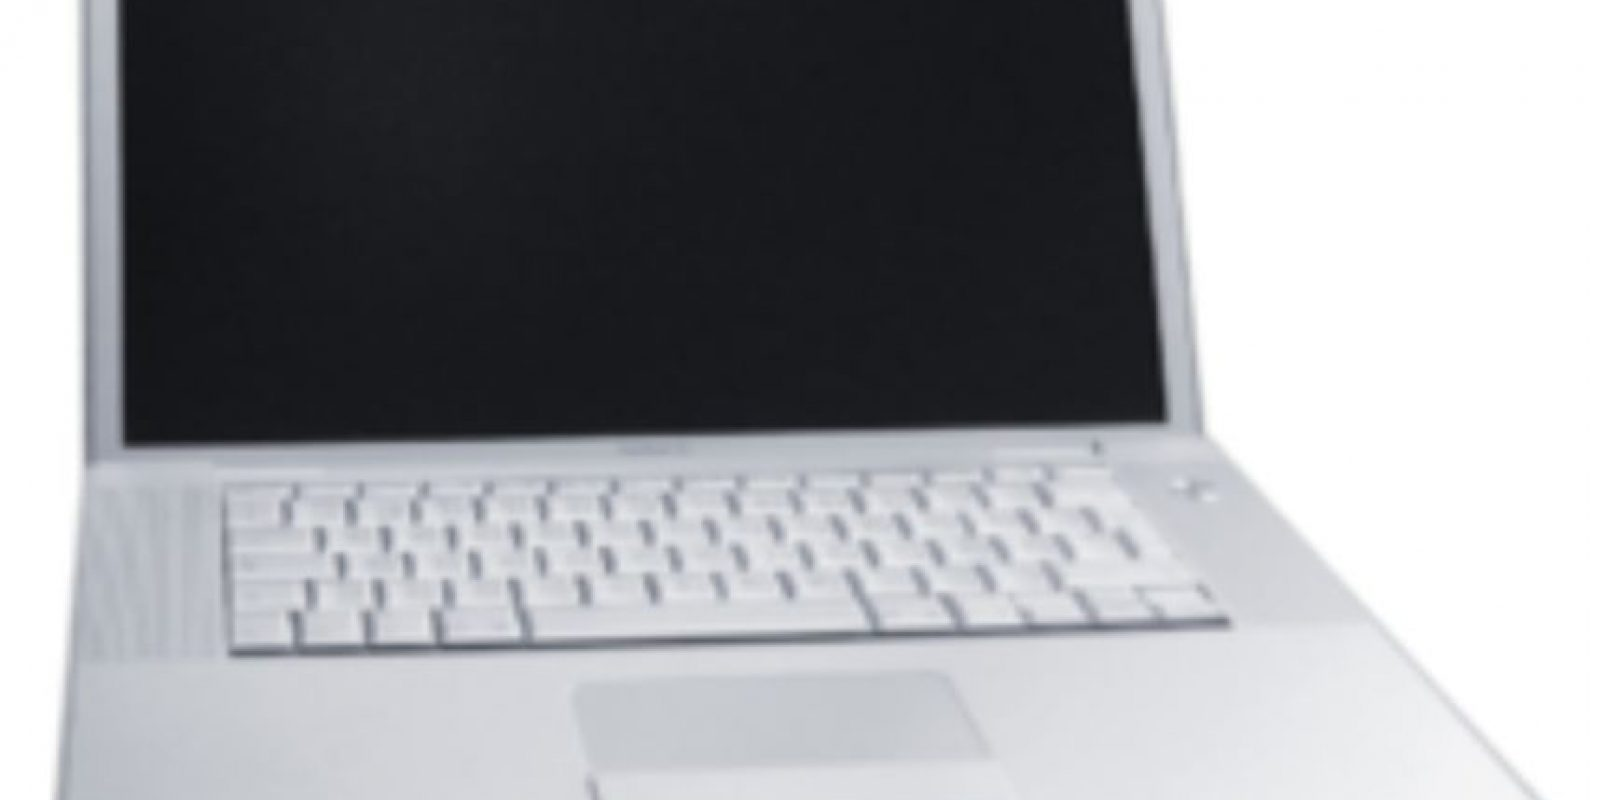 Mac Pro (principios de 2009) Foto:Apple